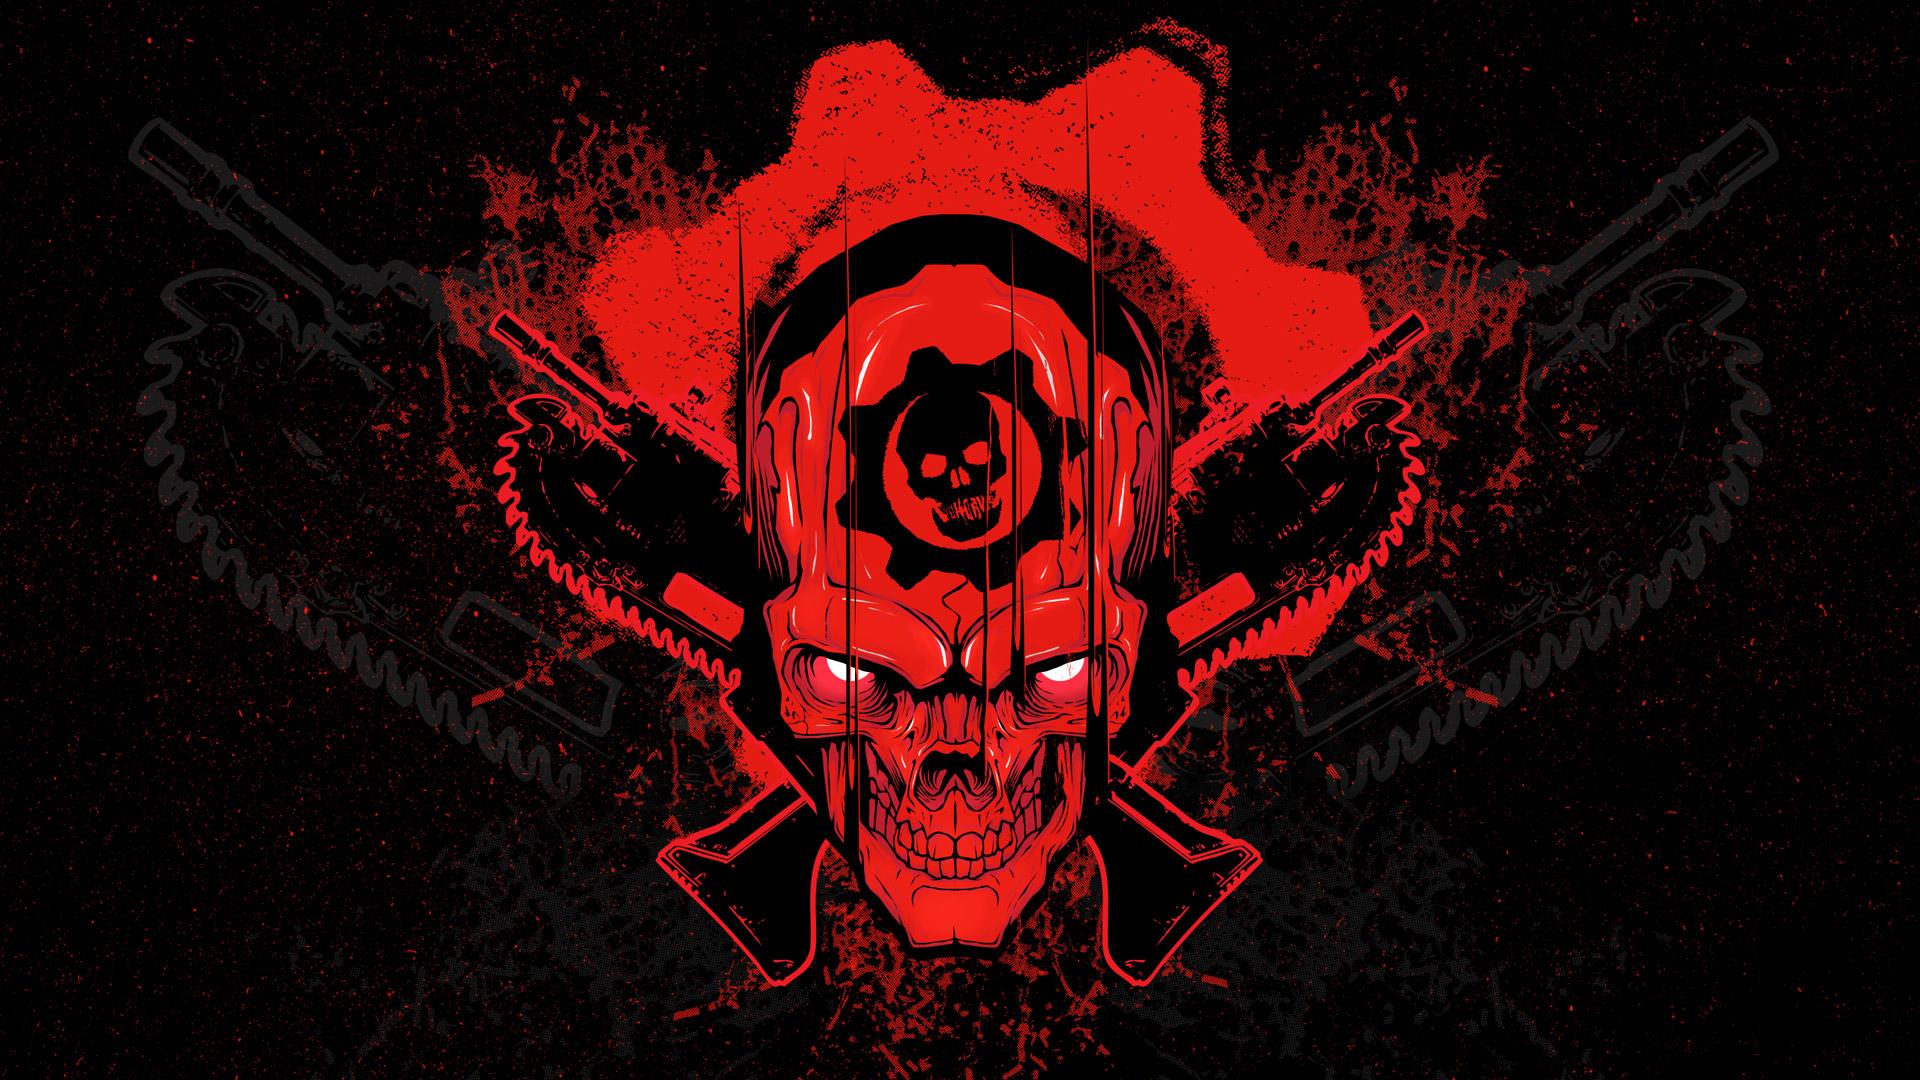 Gears of War 4 Wallpaper in 1920x1080